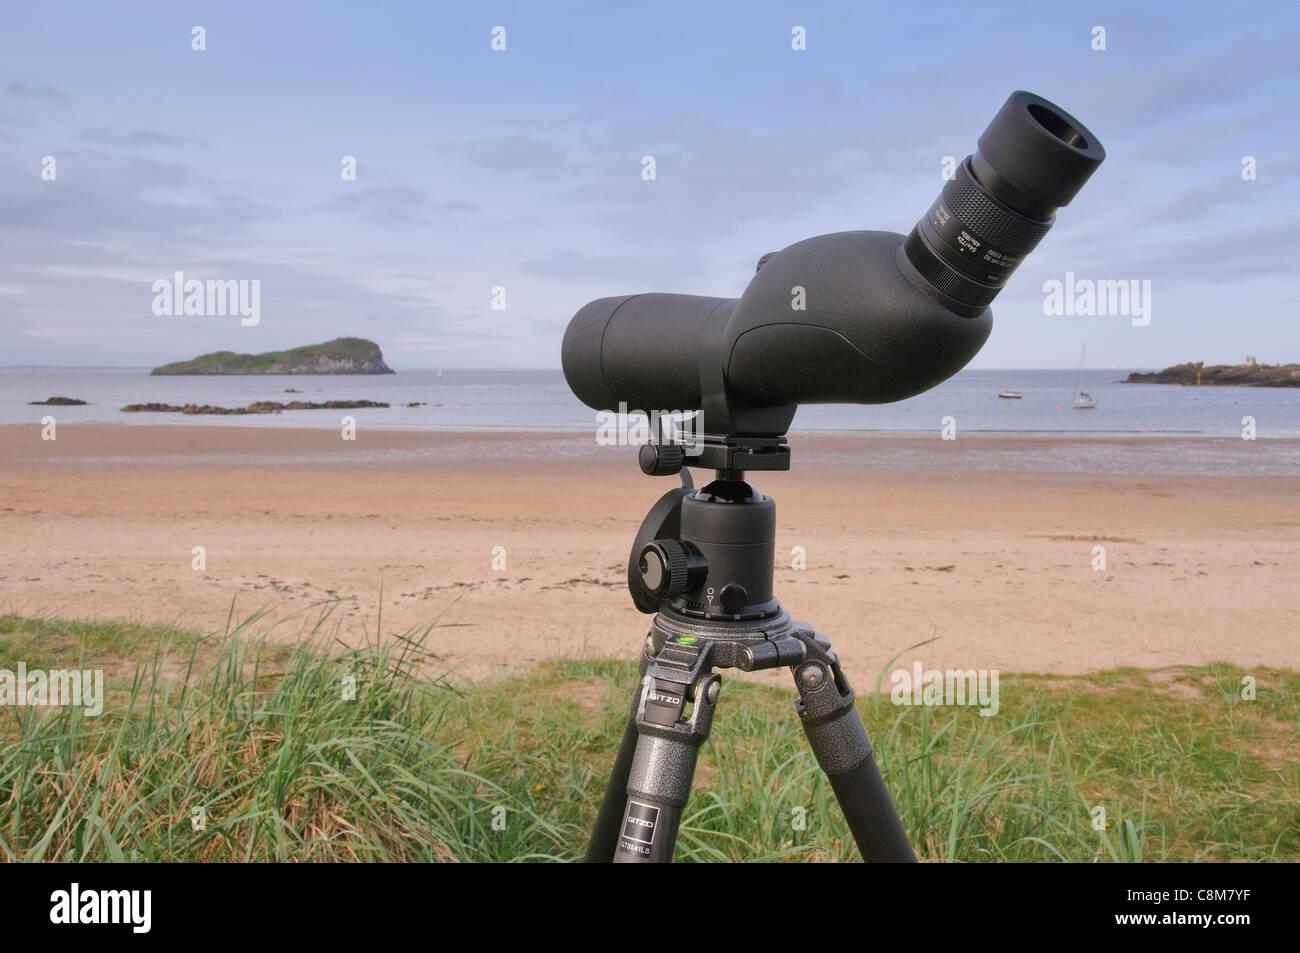 Vogelbeobachtung teleskop auf einem stativ blick auf das